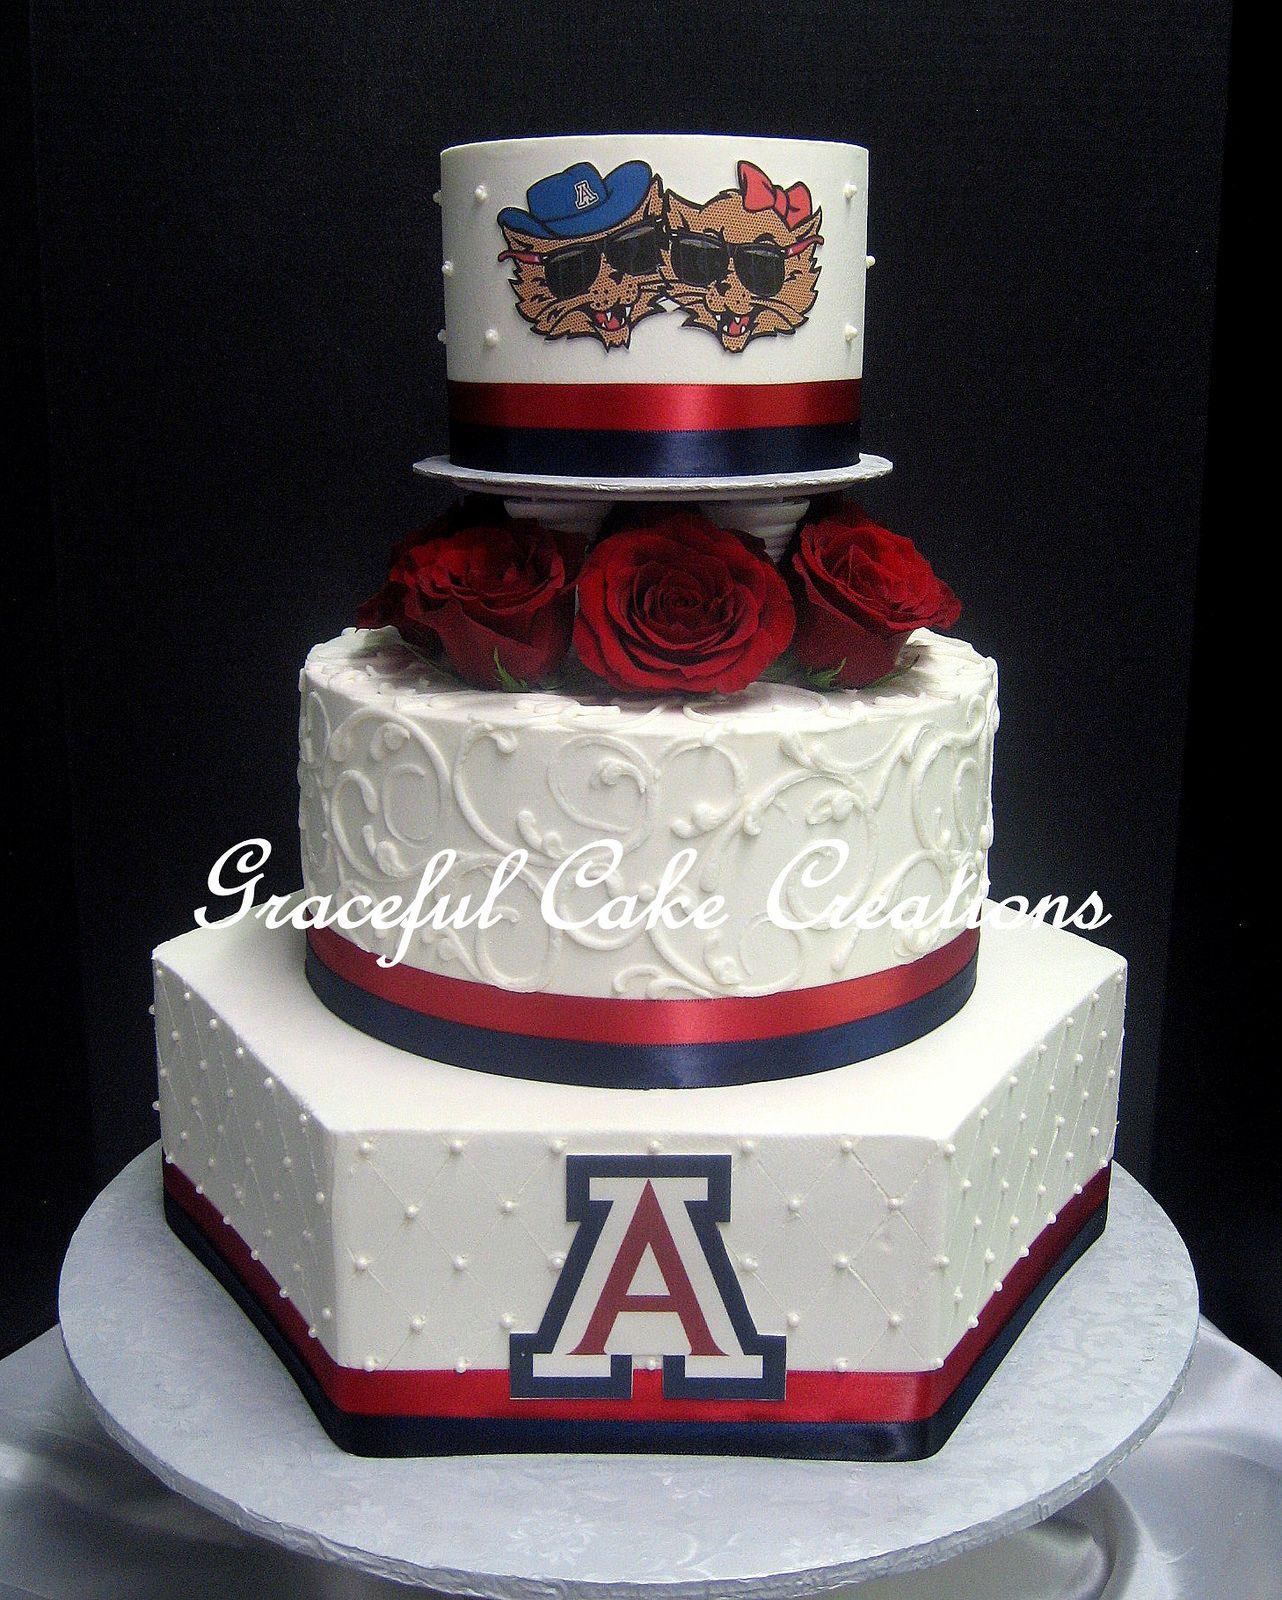 Wedding Invitations Tucson: University Of Arizona Themed Wedding Cake With Mascots